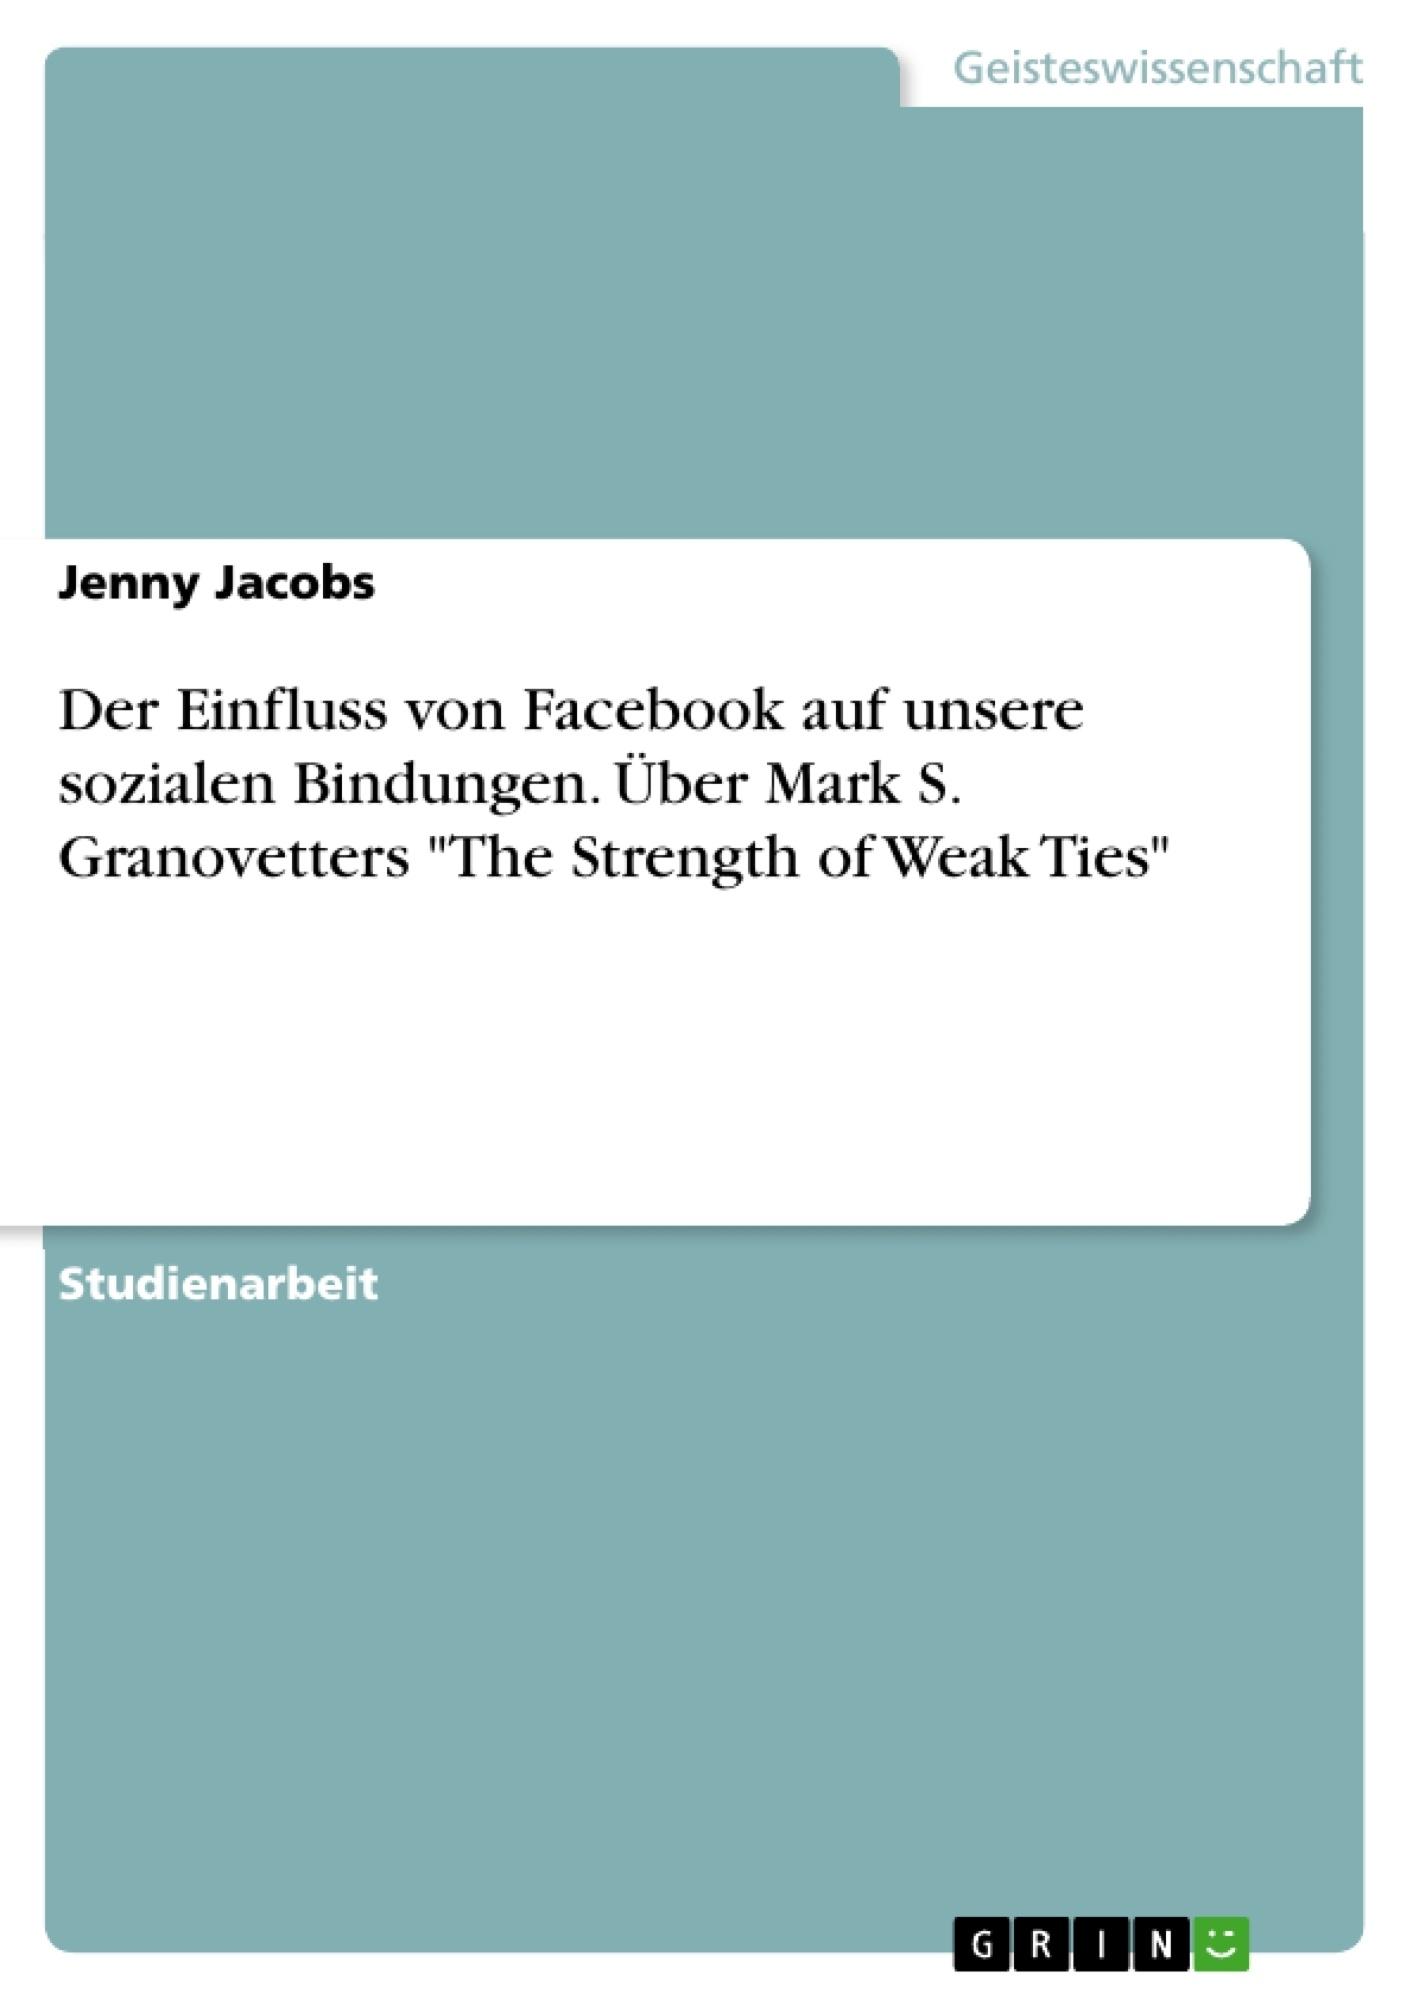 """Titel: Der Einfluss von Facebook auf unsere sozialen Bindungen. Über Mark S. Granovetters """"The Strength of Weak Ties"""""""